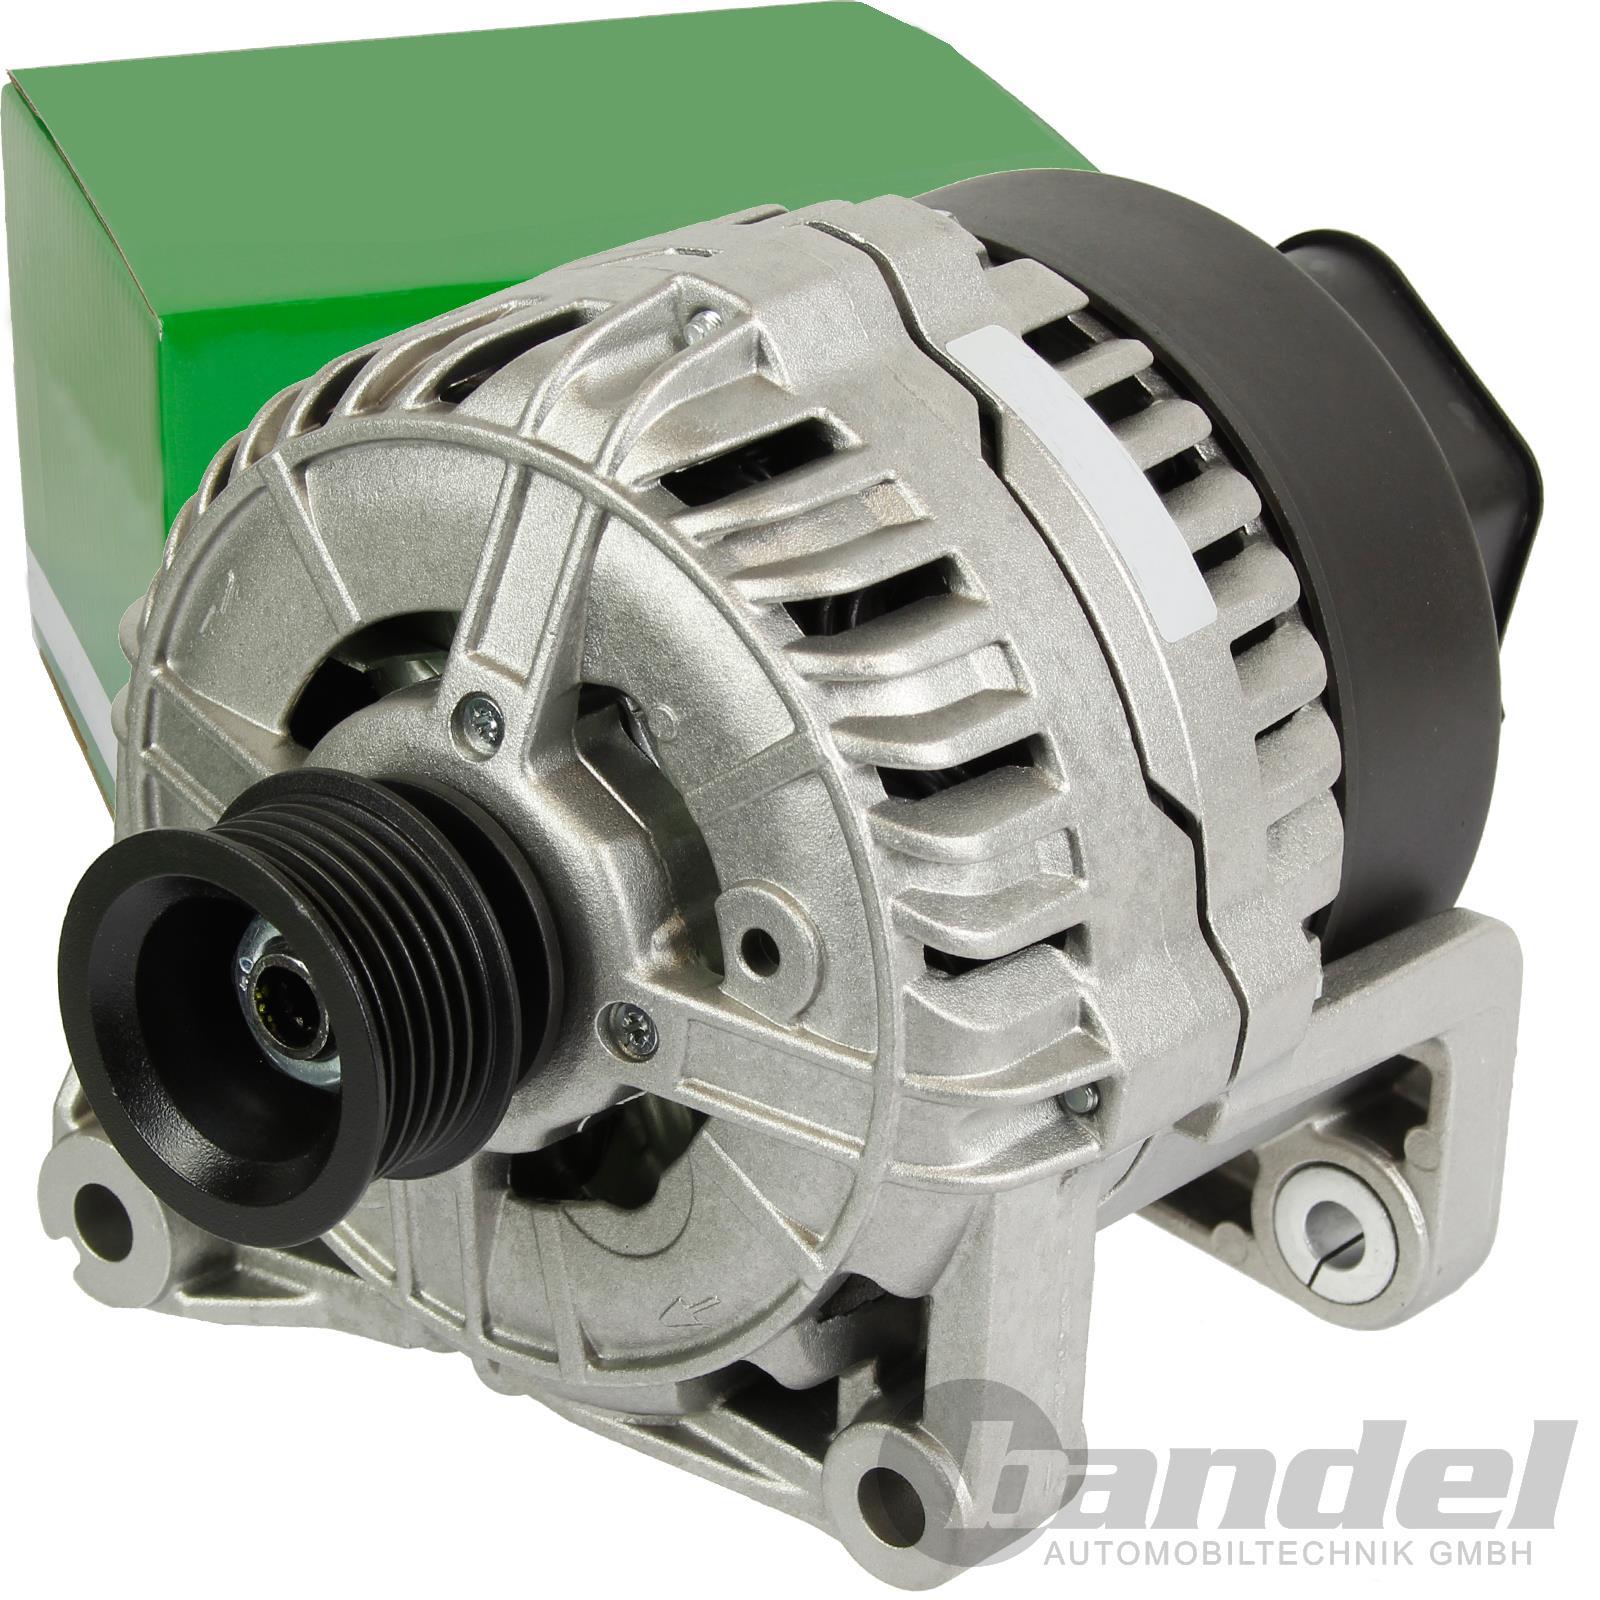 Lichtmaschine Generator BMW 3er E36 320 323 325 328 i 5er E34 520 525 i ix